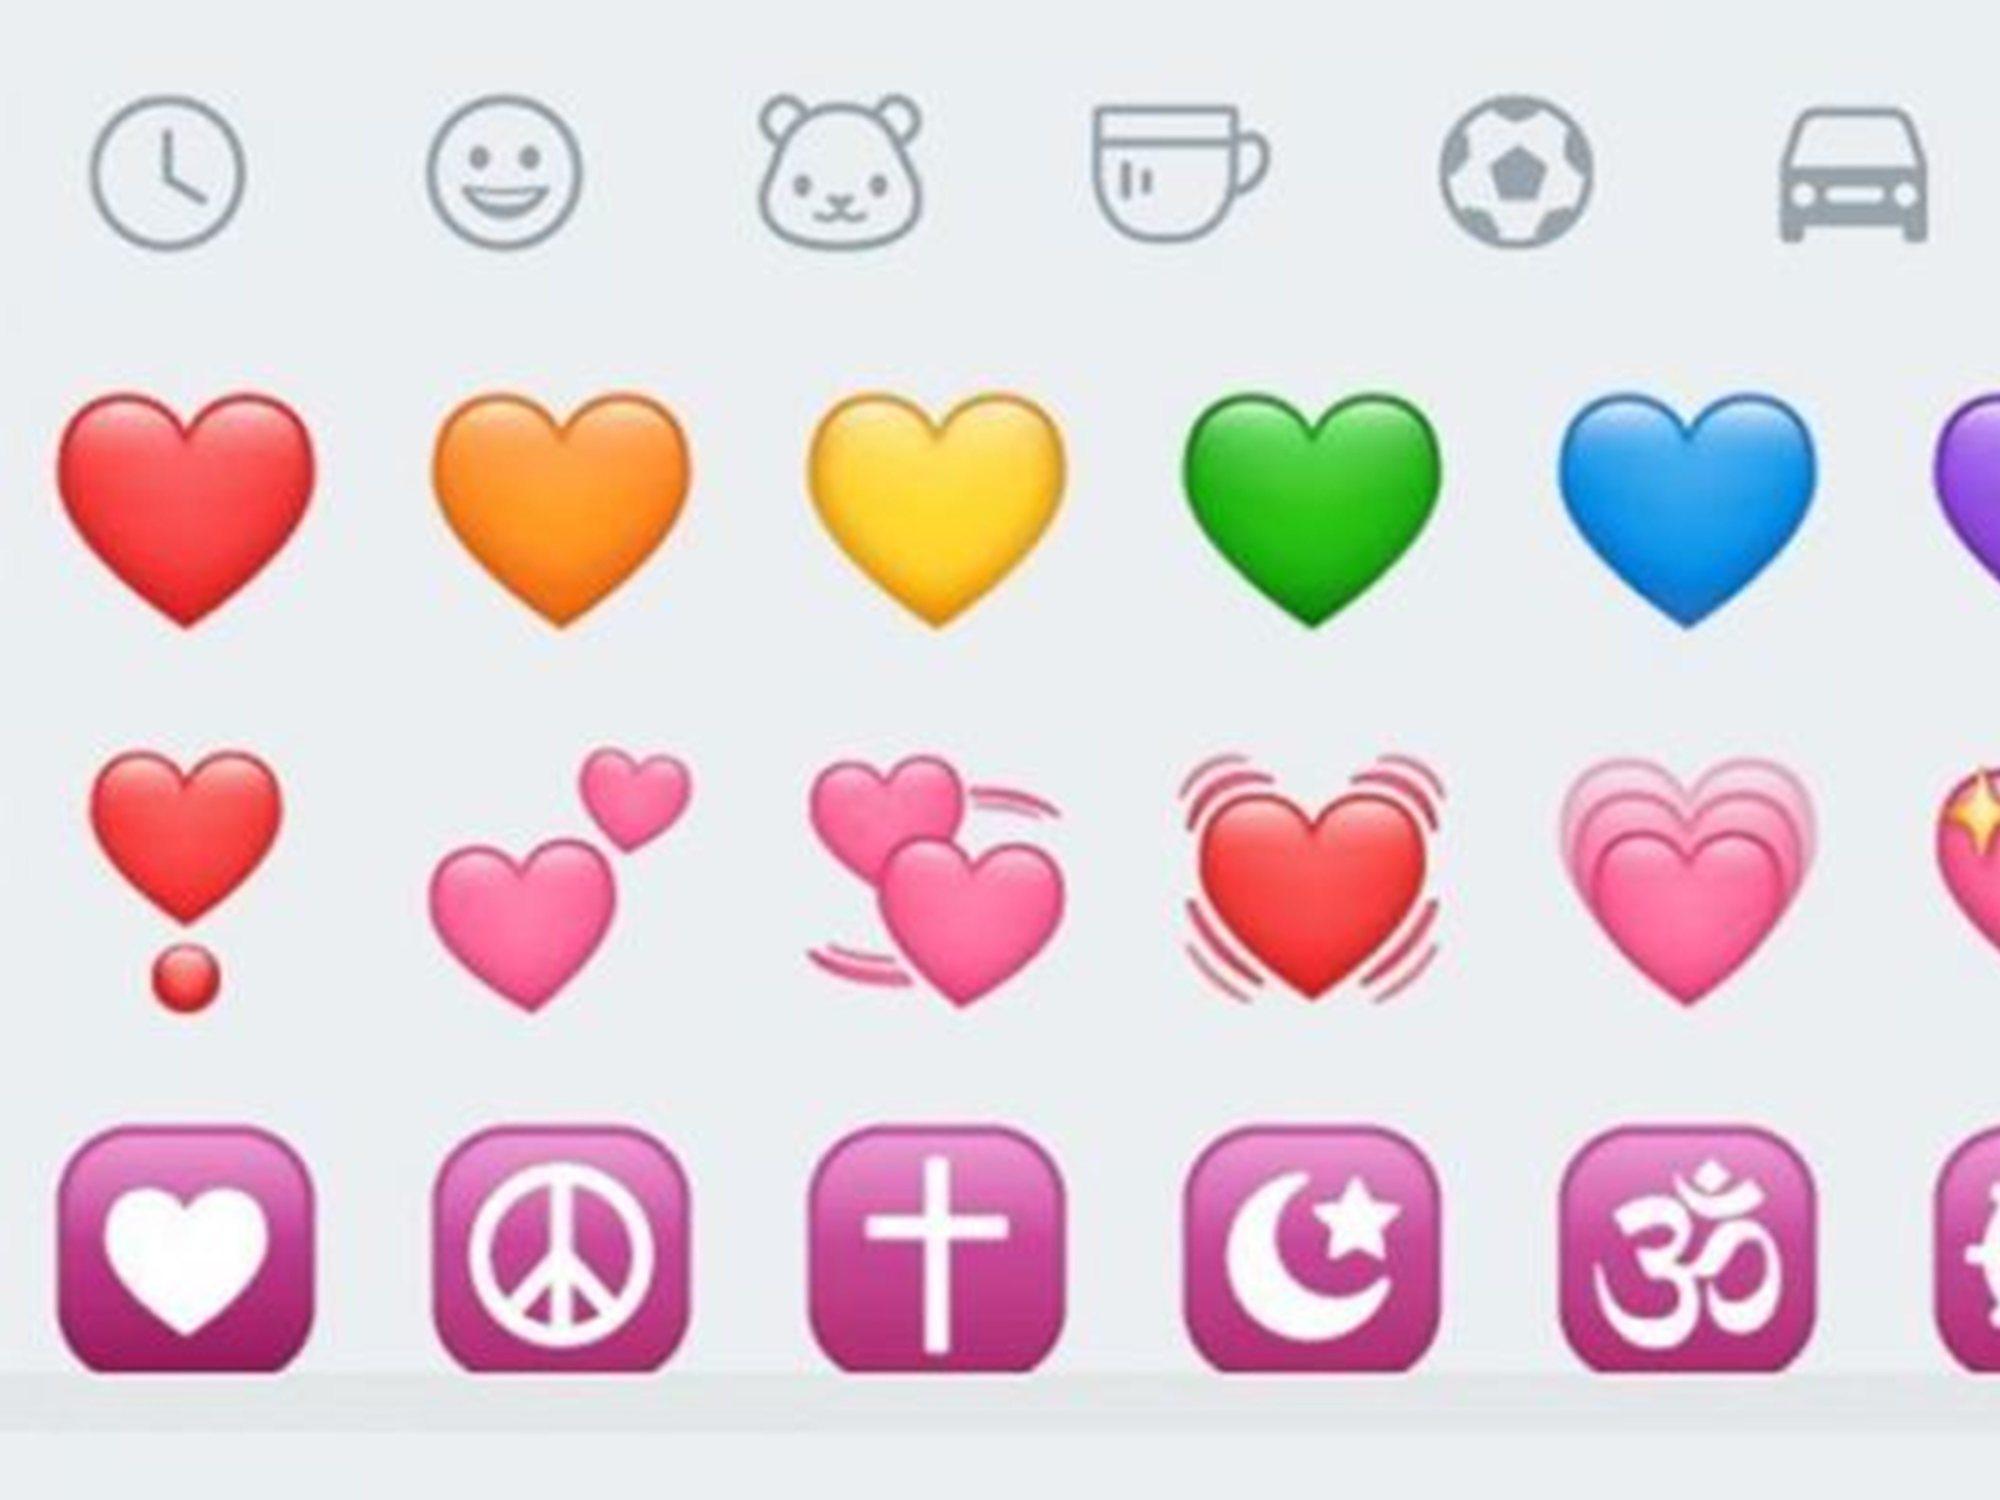 El significado desconocido de los corazones de WhatsApp según su color